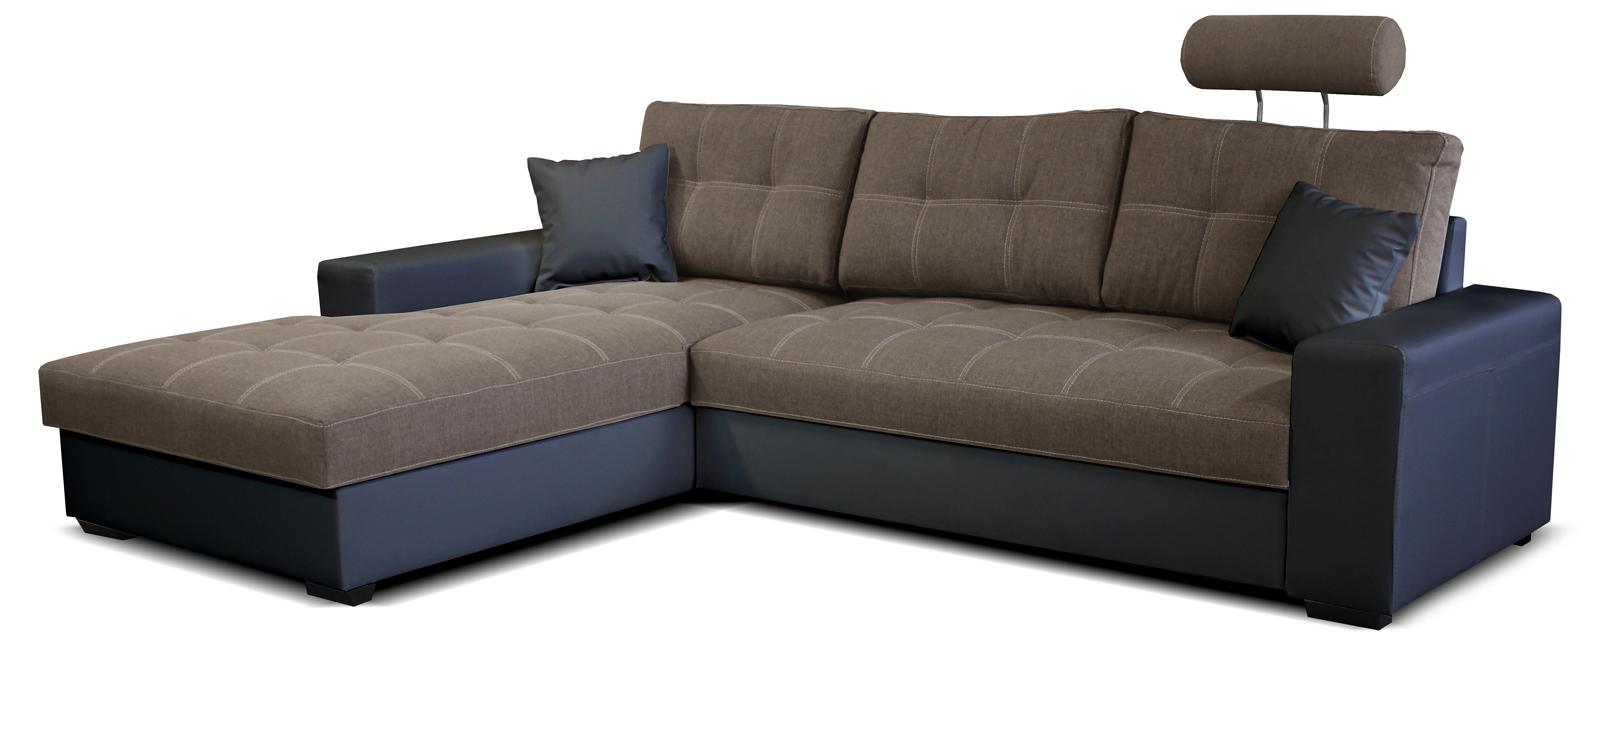 Rohová sedací souprava - Po-Sed - Corato L+2F (hnědá + černá) (L)